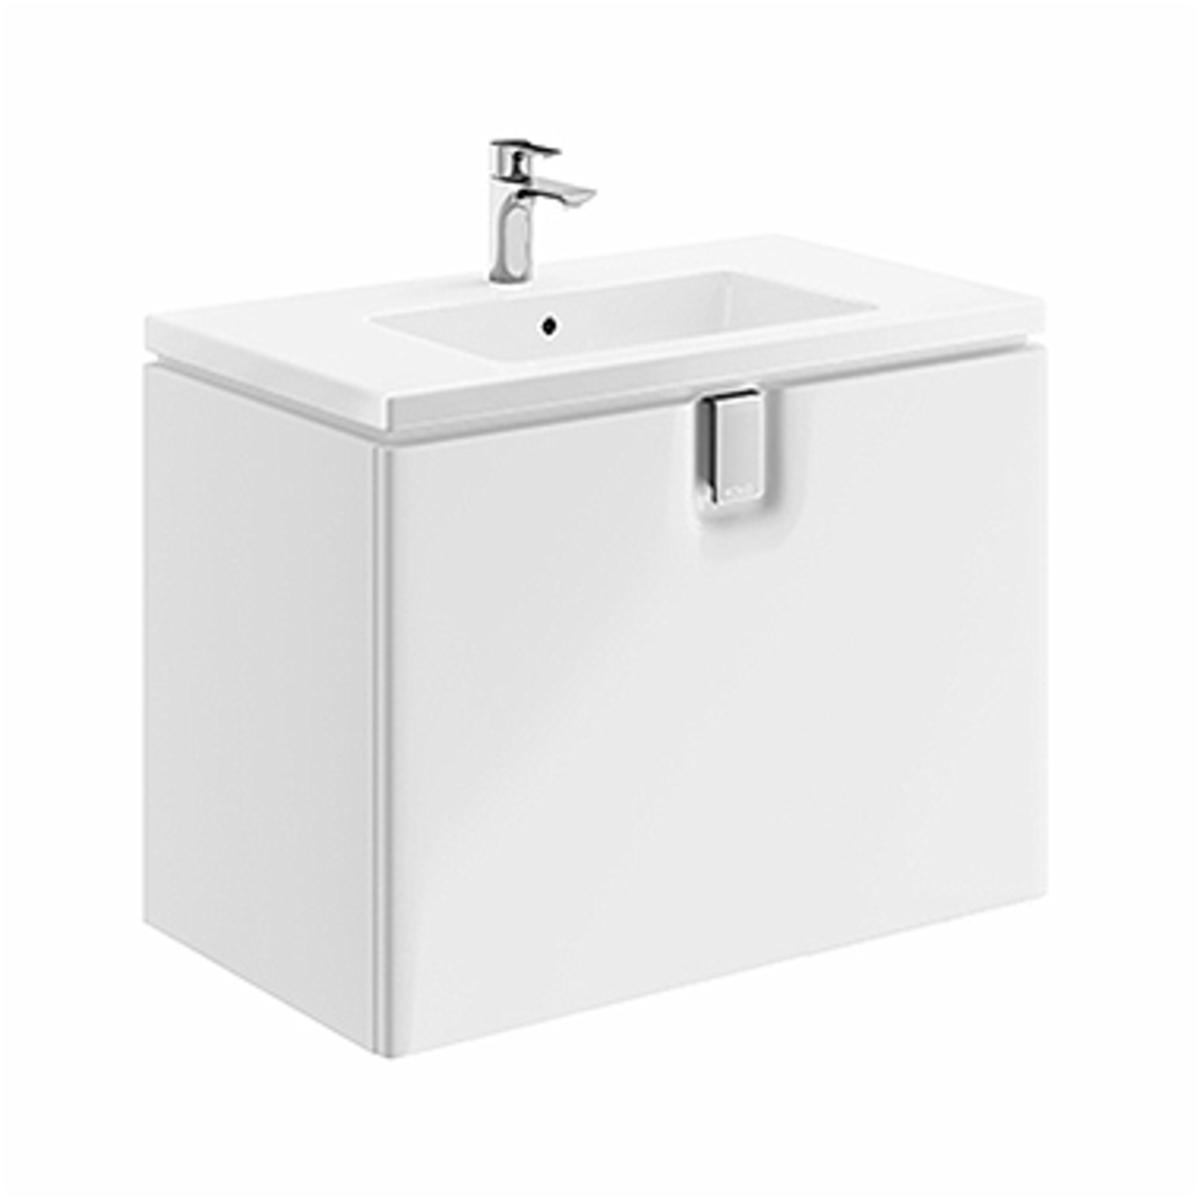 Kúpeľňová skrinka pod umývadlo KOLO Twins 80x57x46 cm biela lesk 89550000